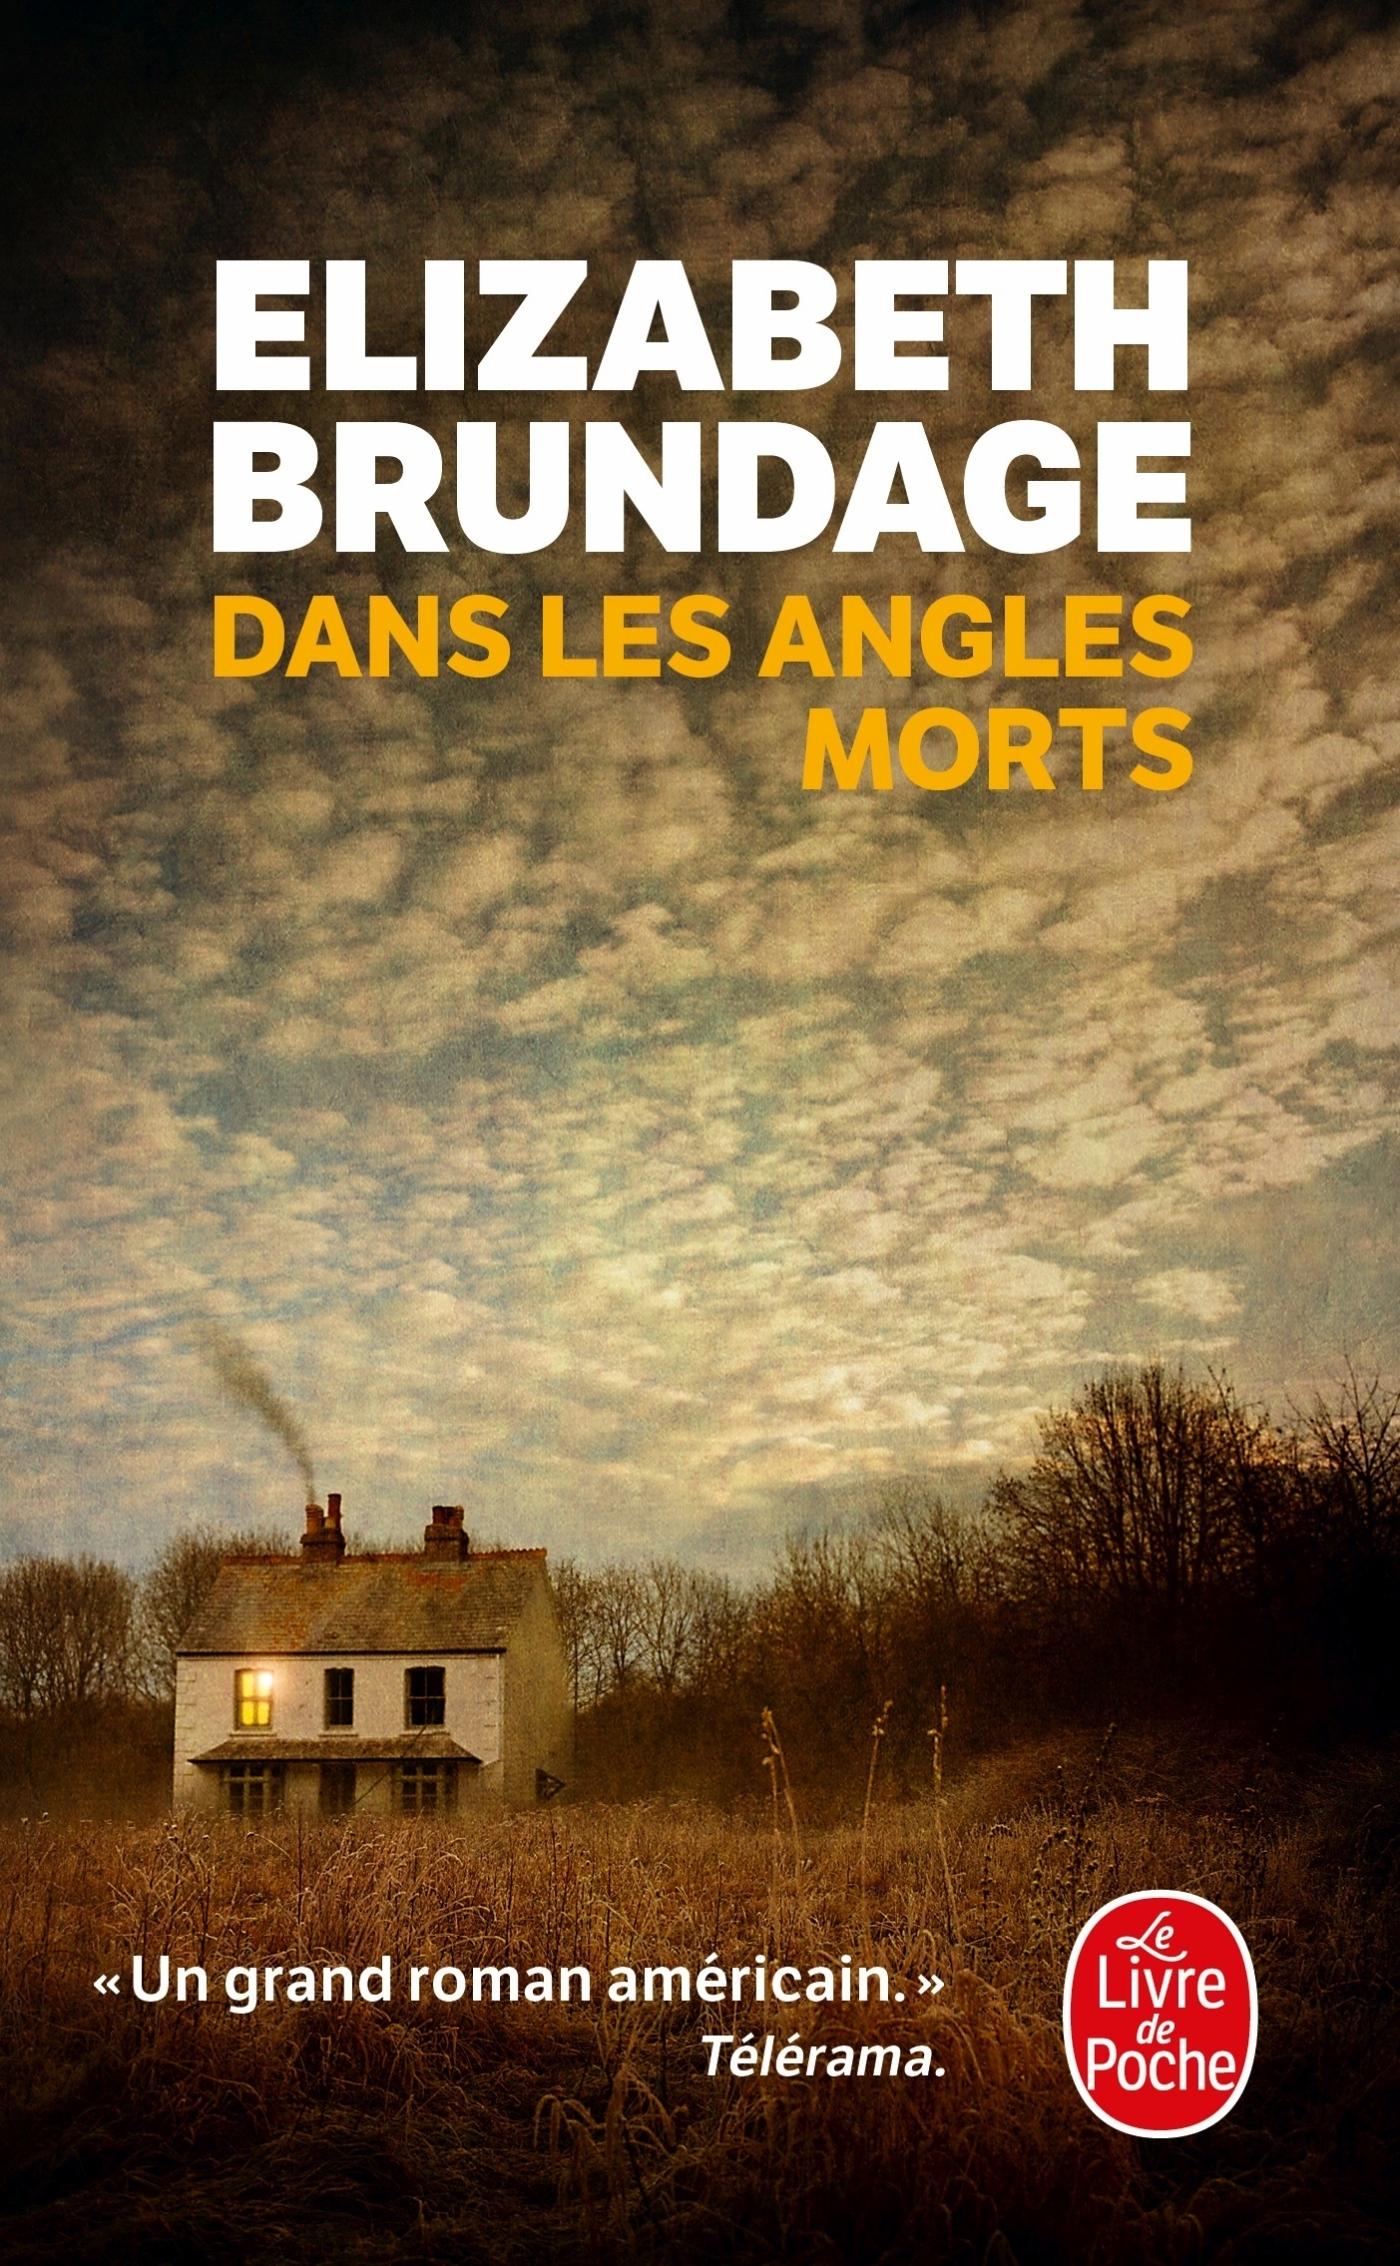 Critique De Dans Les Angles Morts Dernier Livre De Elizabeth Brundage Onlalu